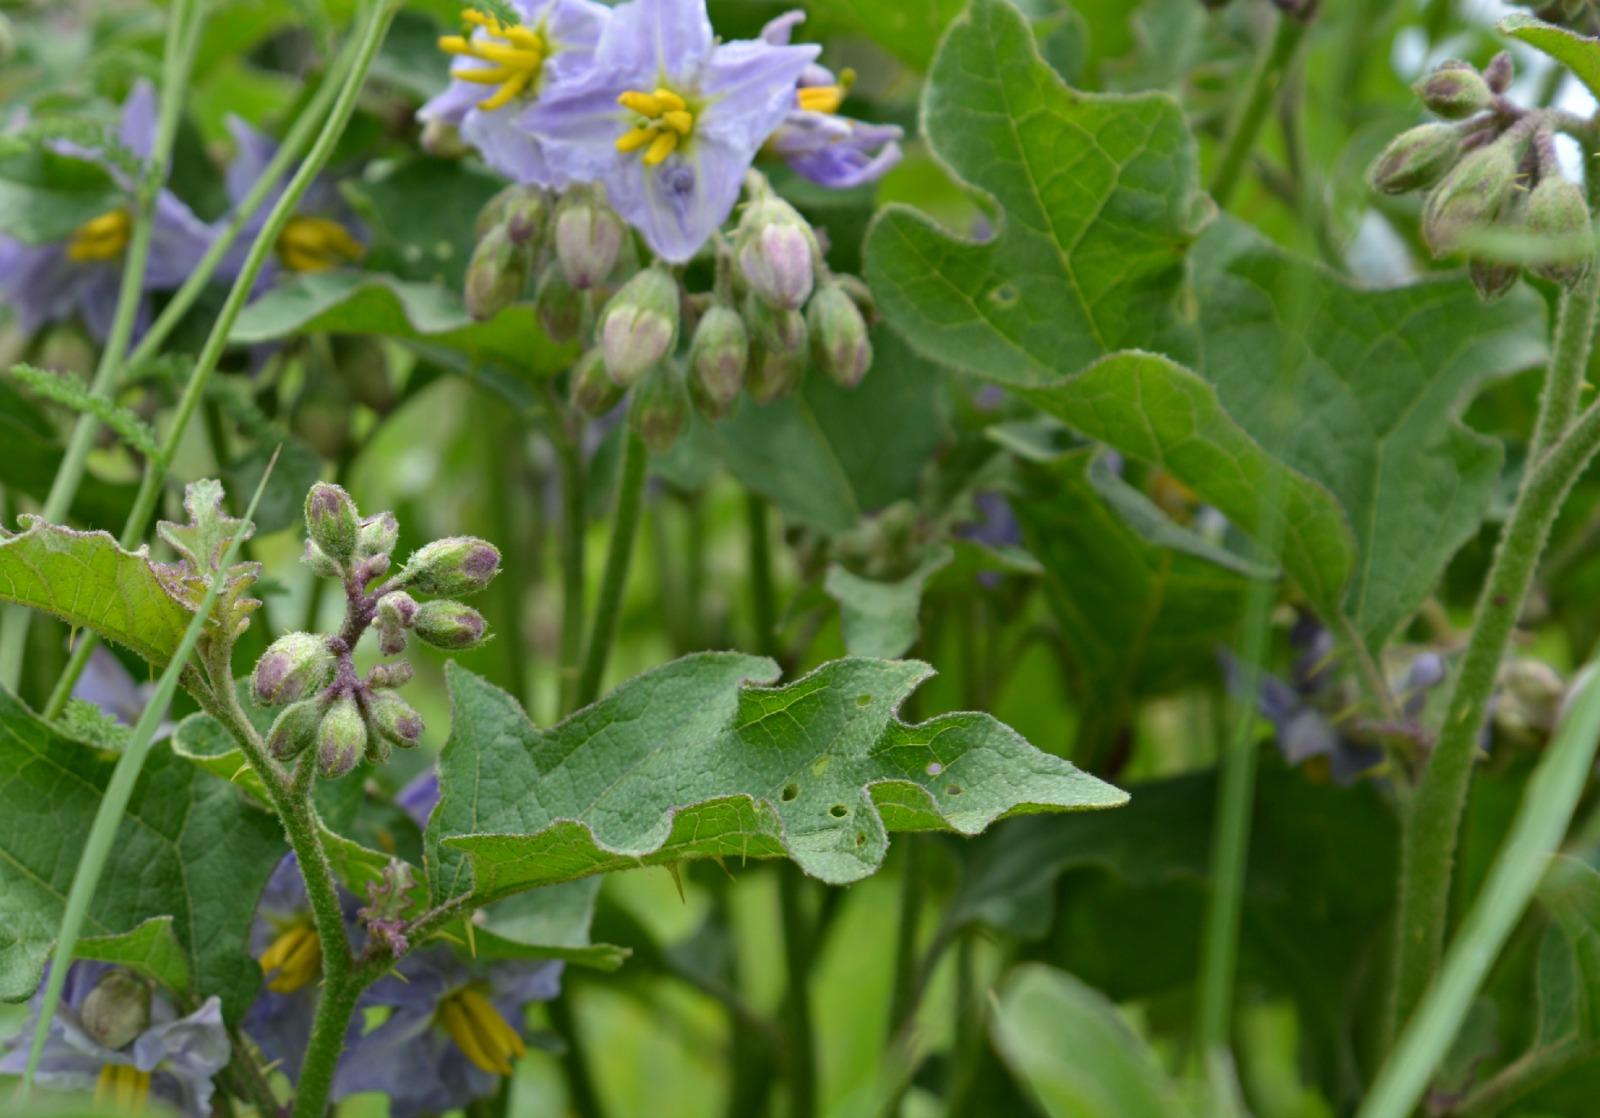 Silver Leaf Wildflower